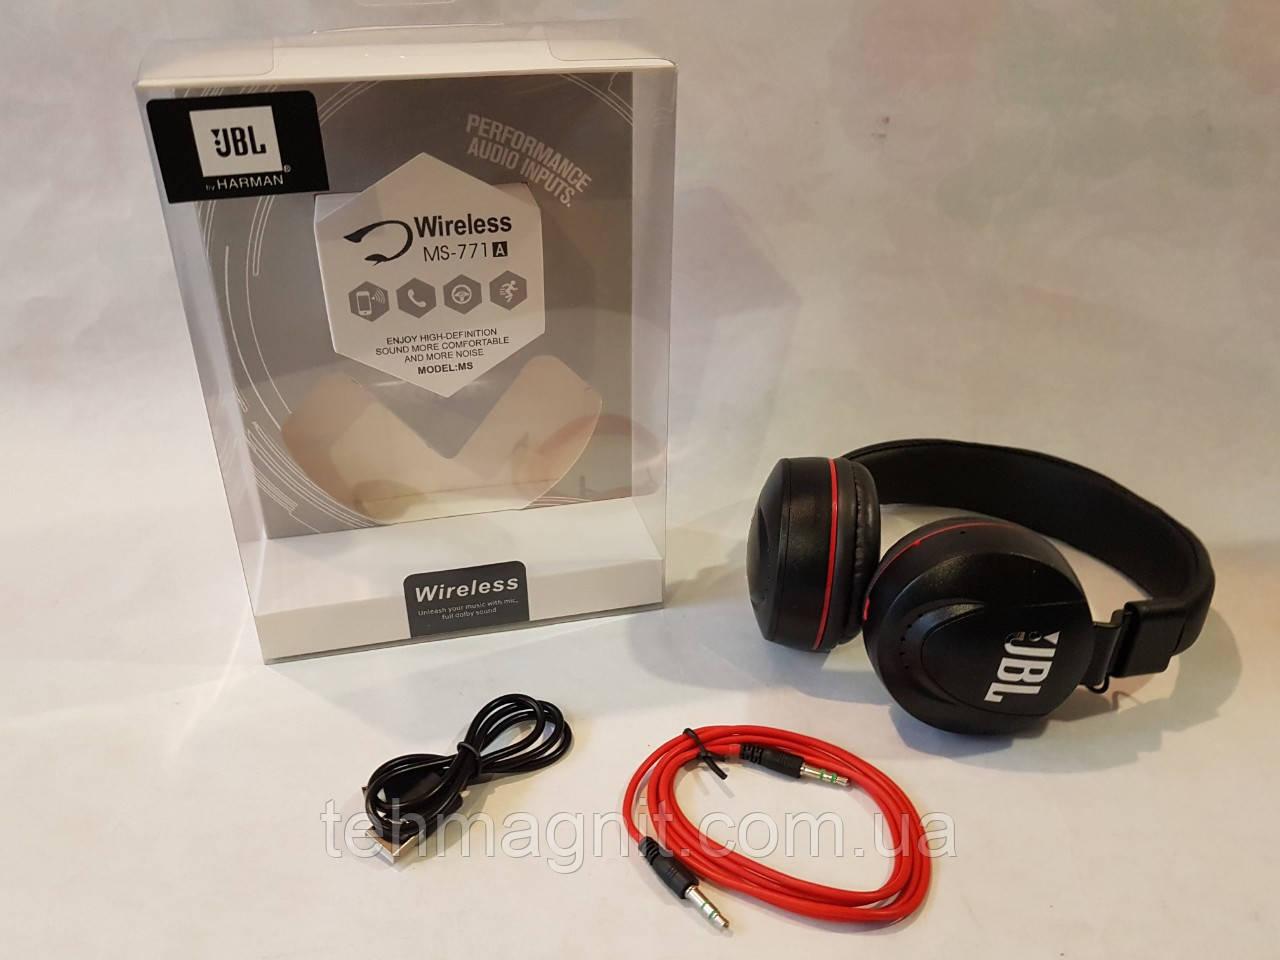 Навушники MS-771 Bluetooth, блютуз навушники безпровідні Репліка